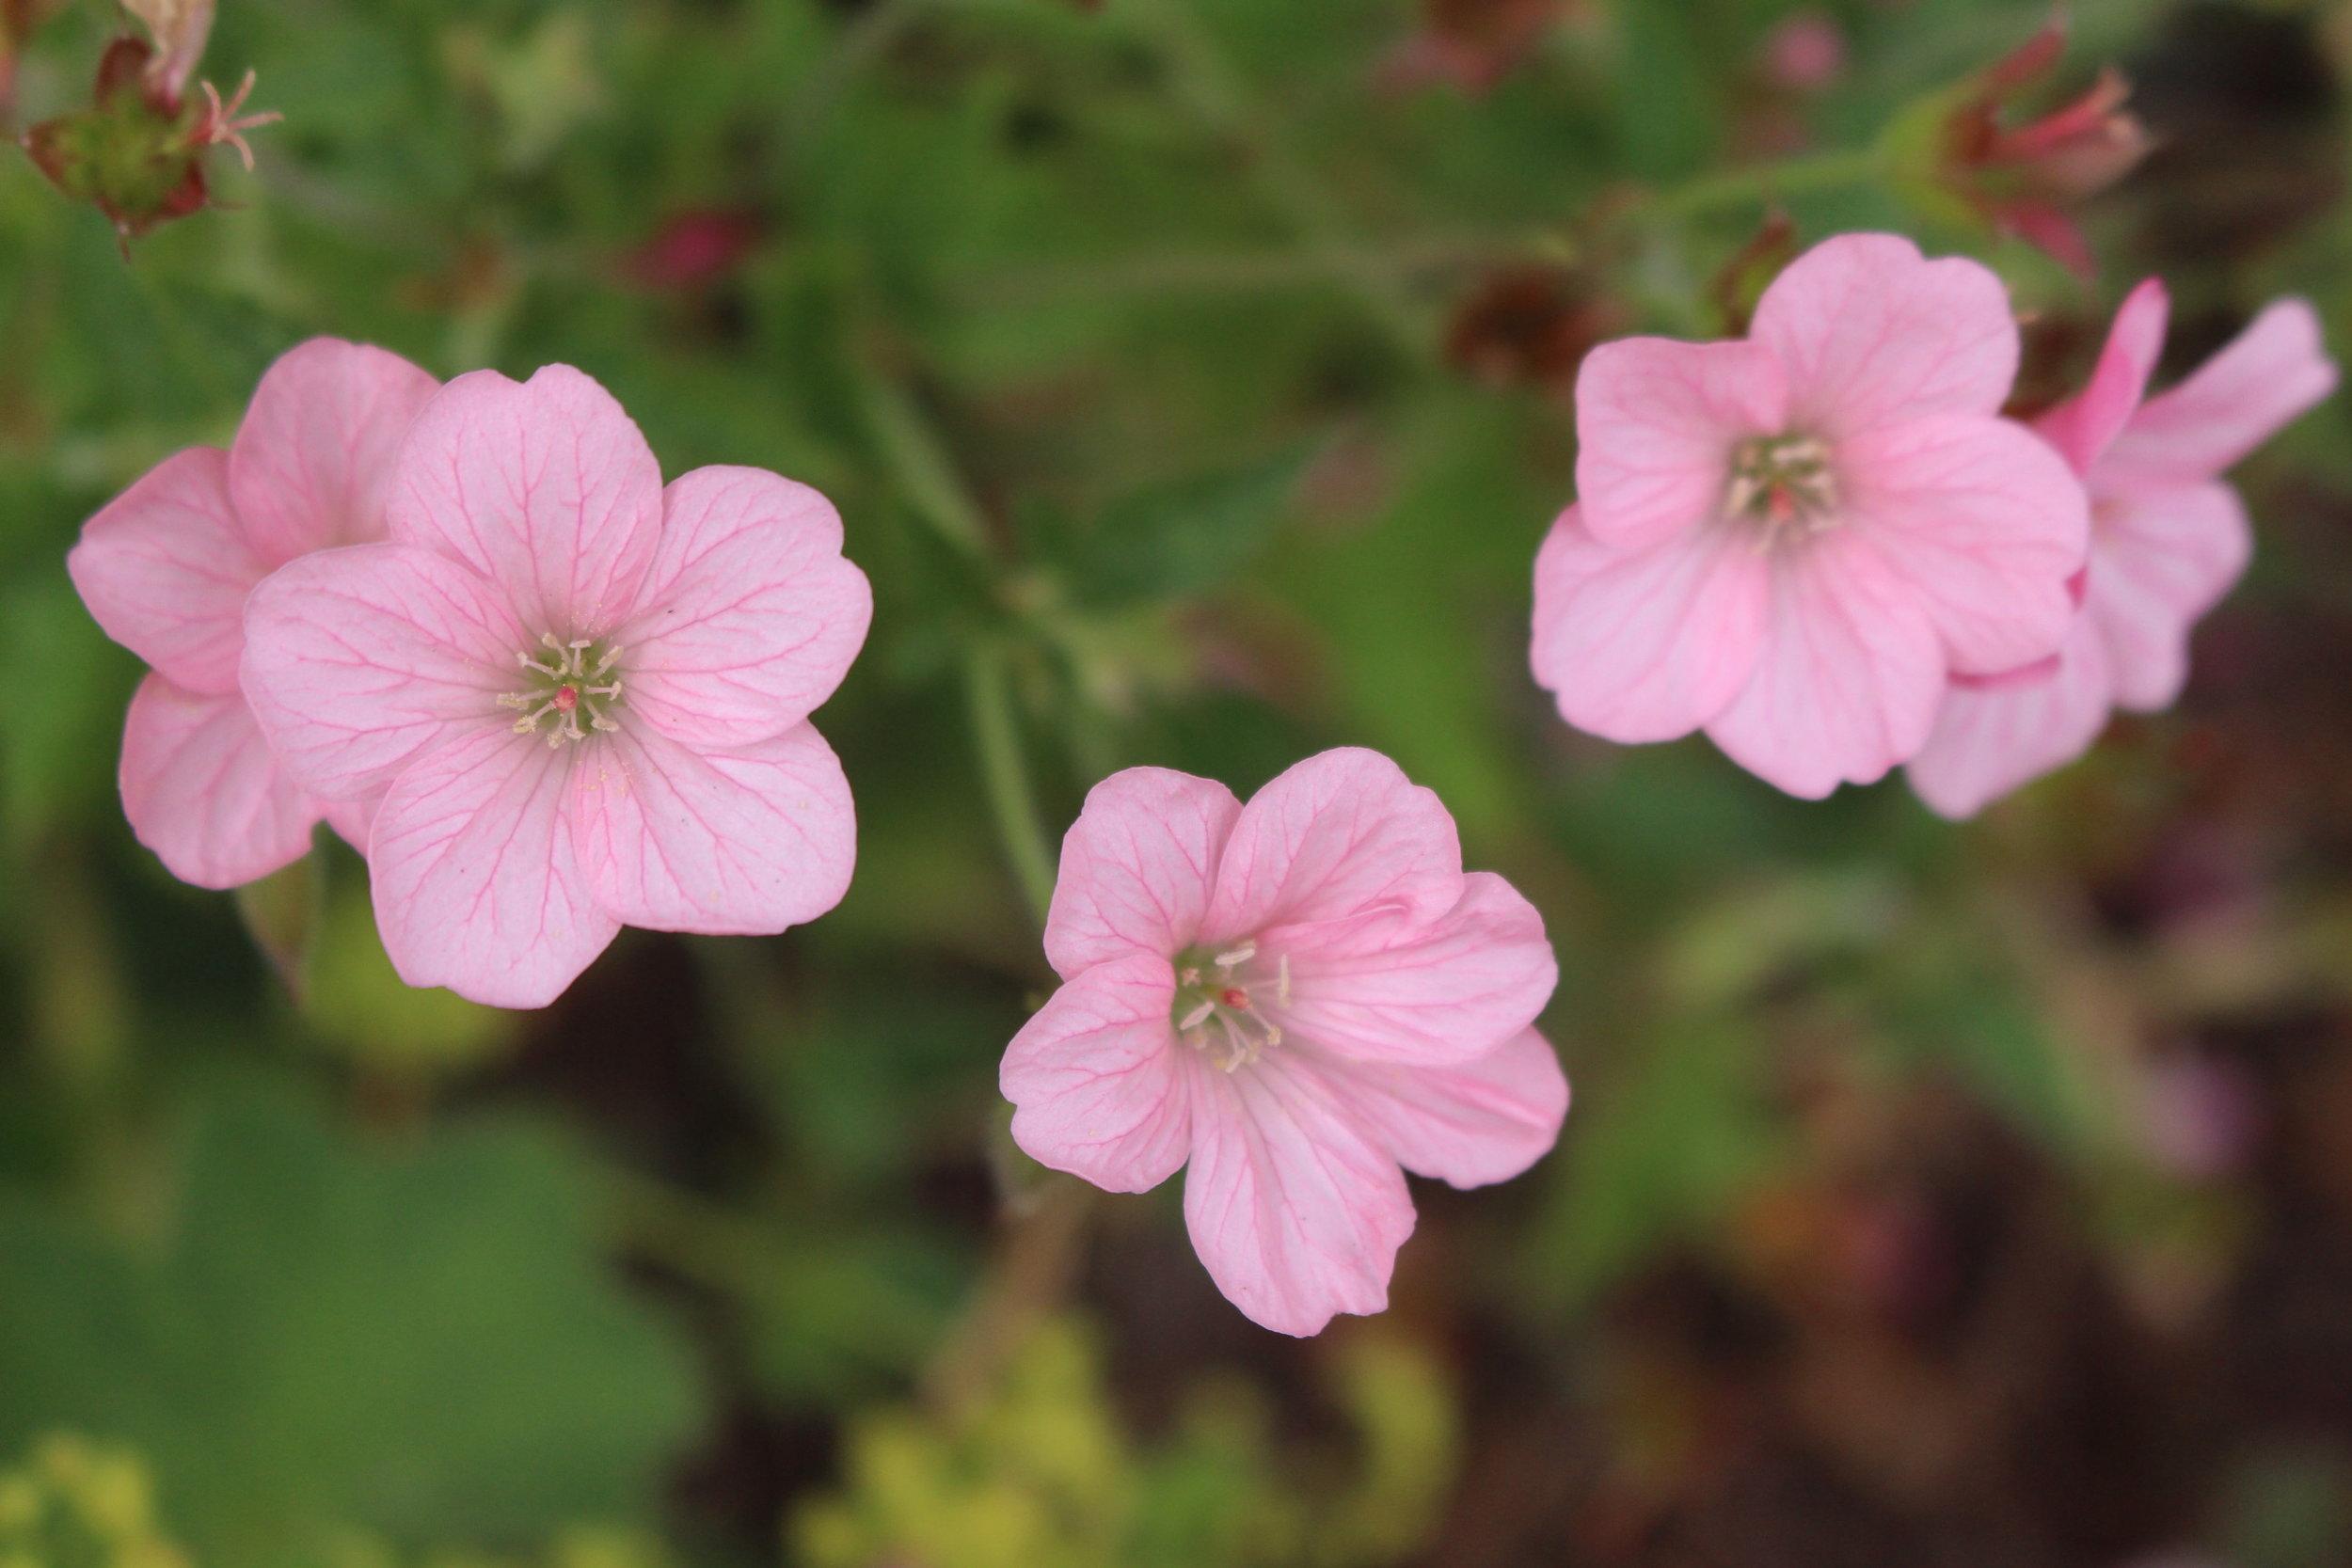 #76 Wax Flower, Chamelaucium